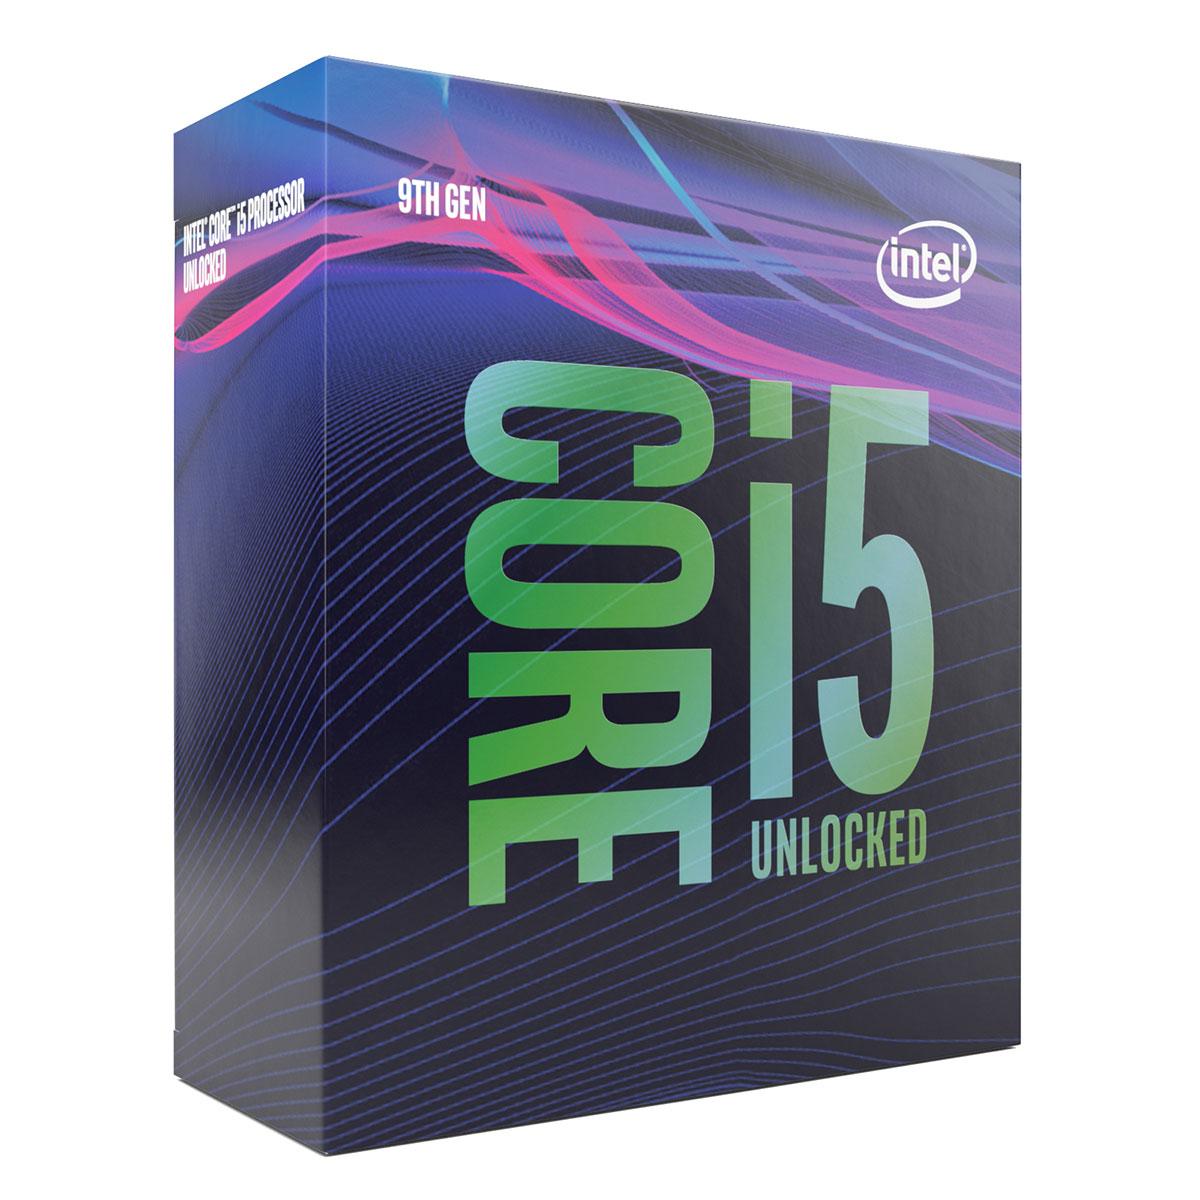 Processeur Intel Core i5-9600K (3.7 GHz / 4.6 GHz) Processeur 6-Core Socket 1151 Cache L3 9 Mo Intel UHD Graphics 630 0.014 micron (version boîte sans ventilateur - garantie Intel 3 ans)